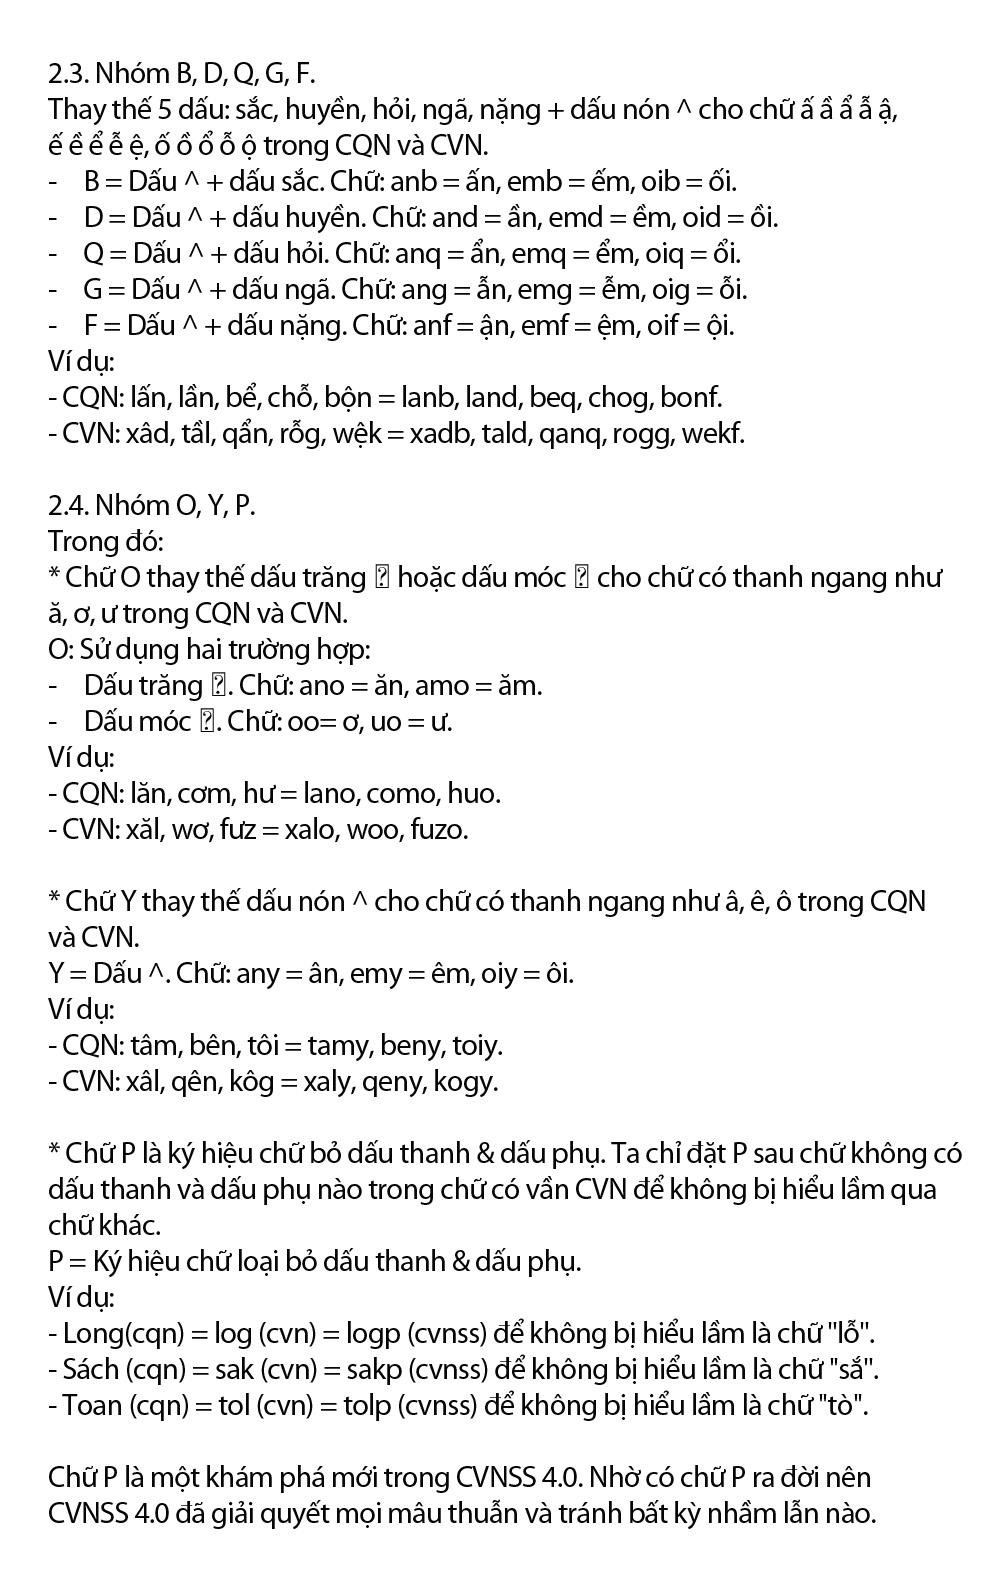 Tiếng Việt không dấu chính thức được cấp bản quyền, tác giả hy vọng chữ mới có thể được đưa vào giảng dạy cho học sinh - Ảnh 8